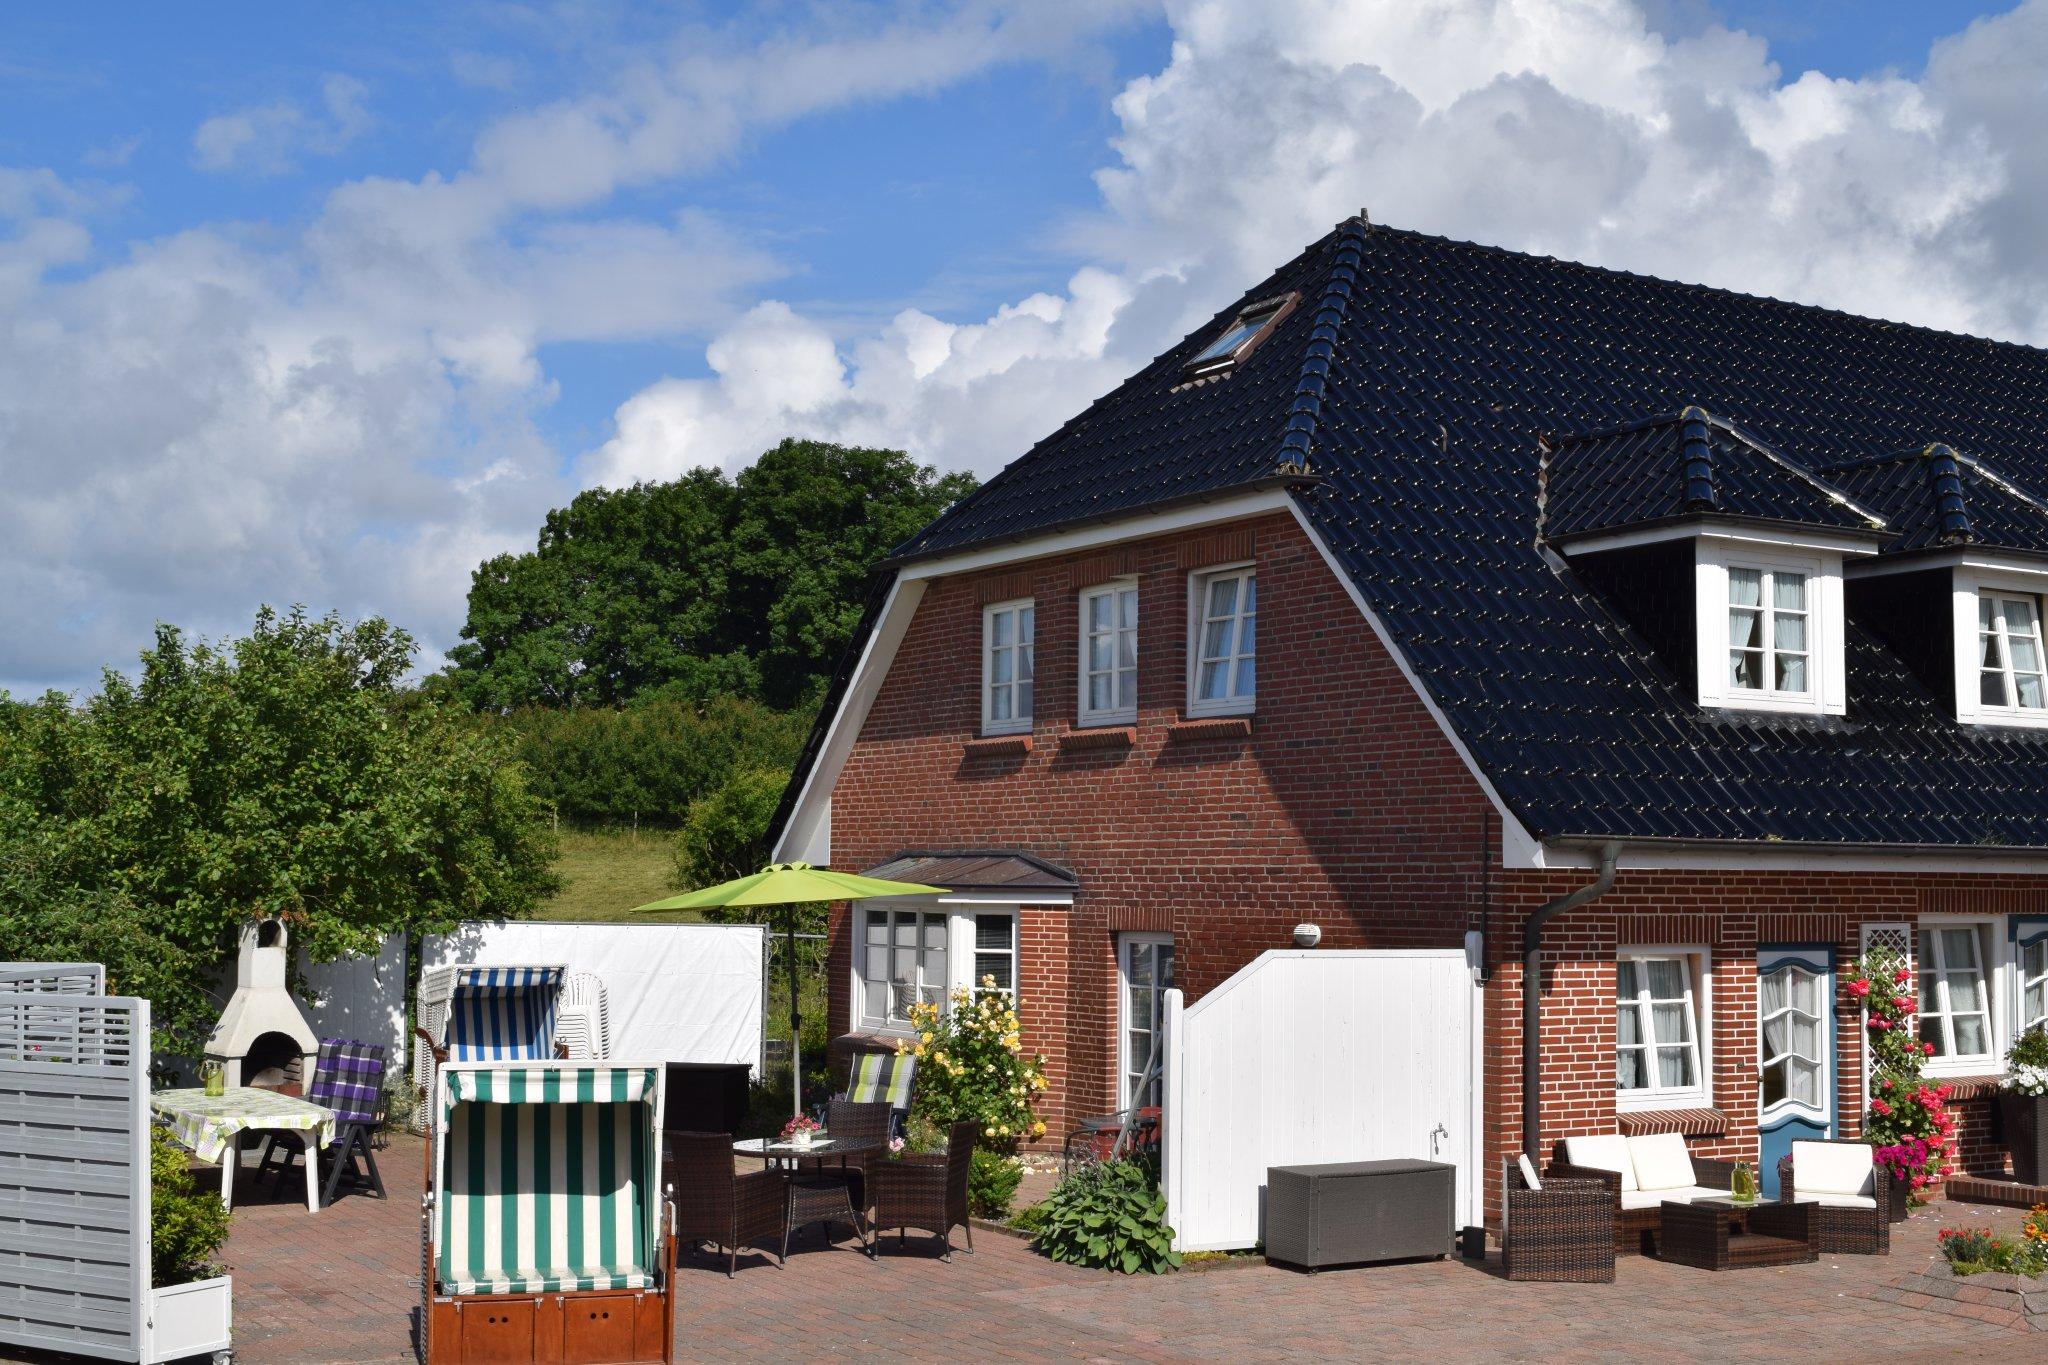 Zusatzbild Nr. 13 von Nordsee-Gesundheitshaus - Fewo 5 'Lille Peer'